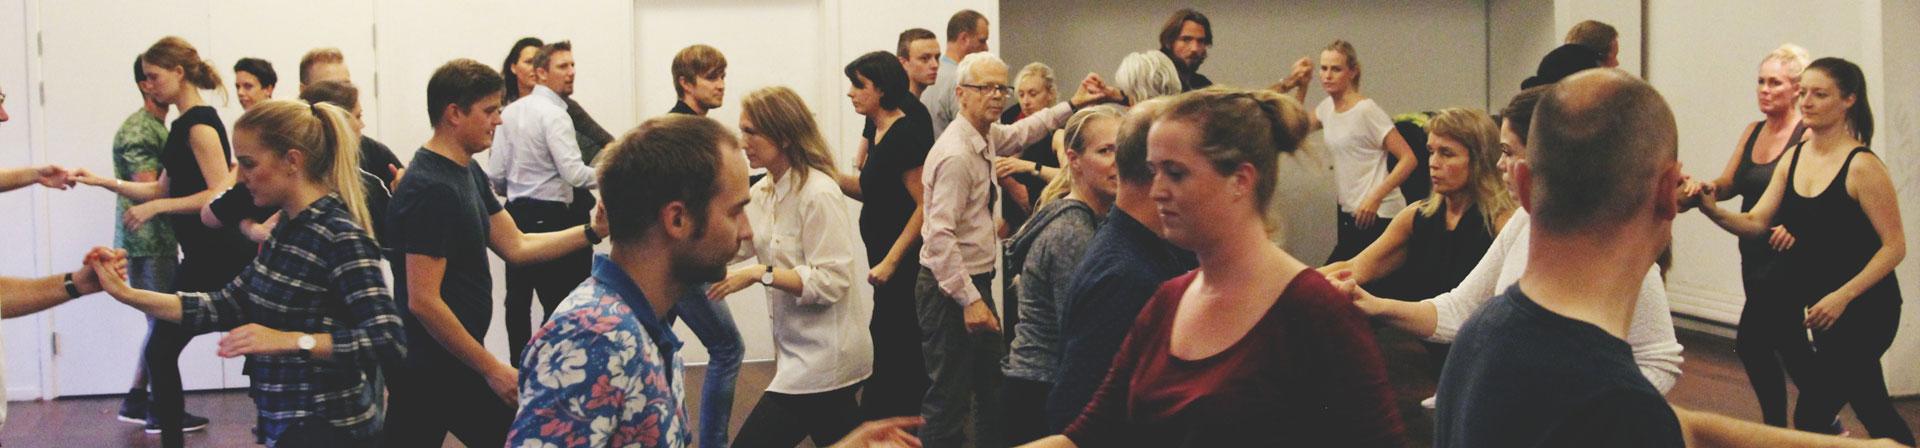 natklub sensuel massage amatør nær ved københavn